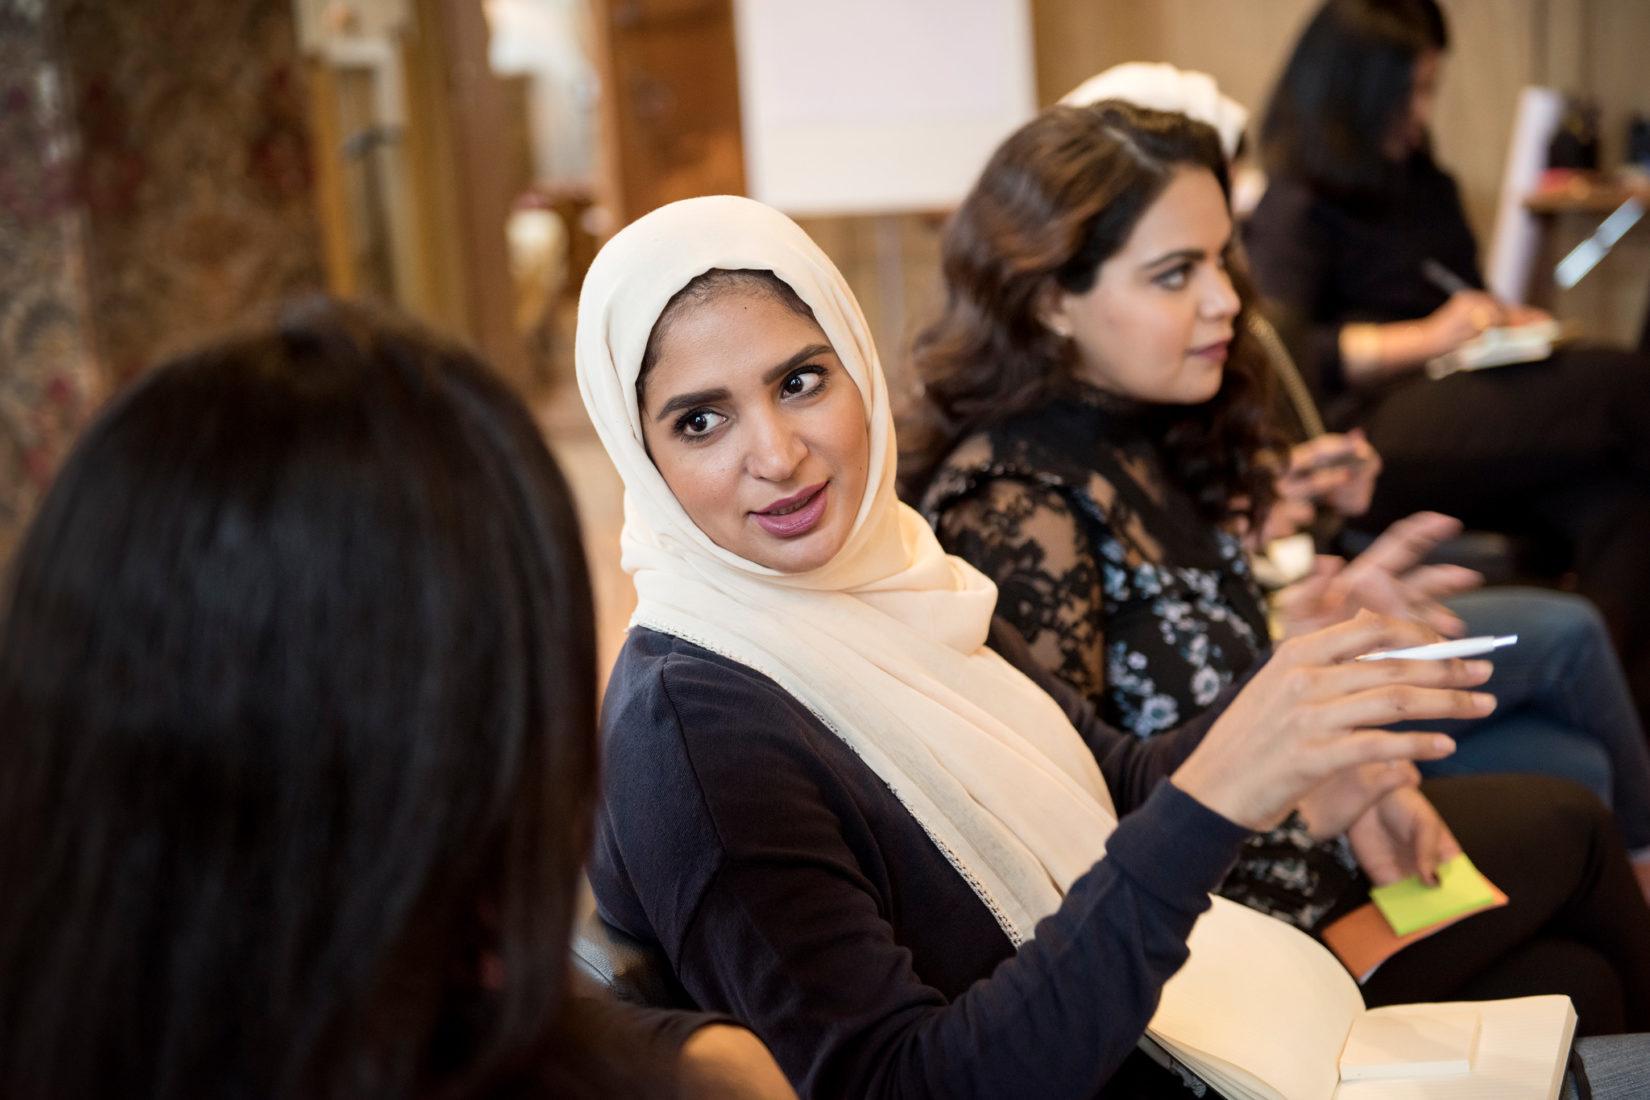 fyra kvinnor i rad sitter i klassrumsmiljö. Fokus på kvinna som talalr med annan kvinna och gestikulerar med händerna.